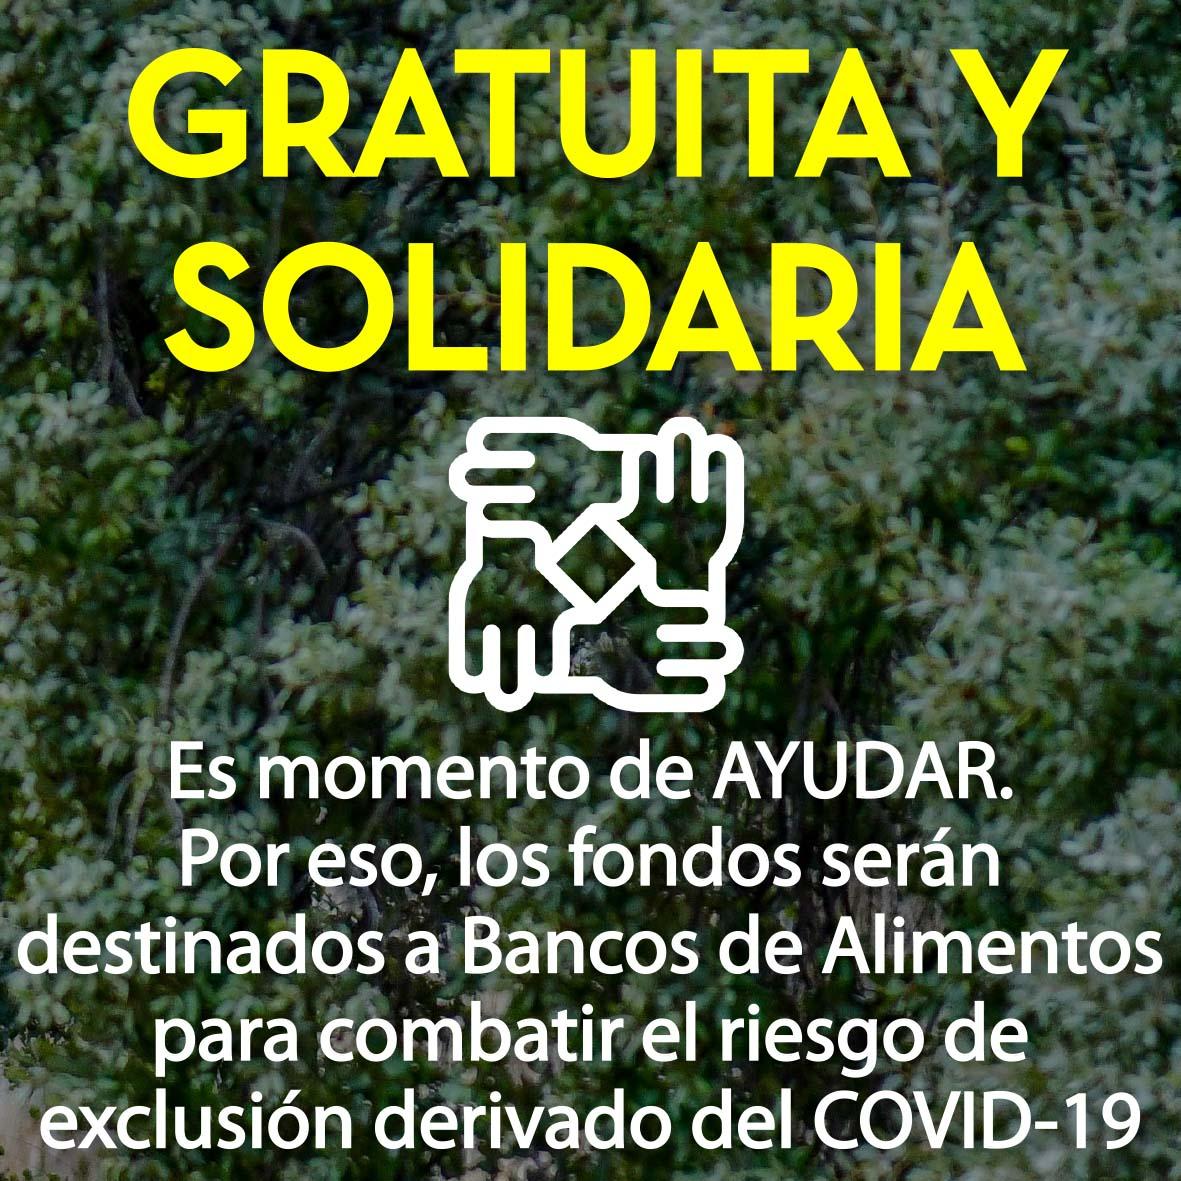 Gratuita y solidaria